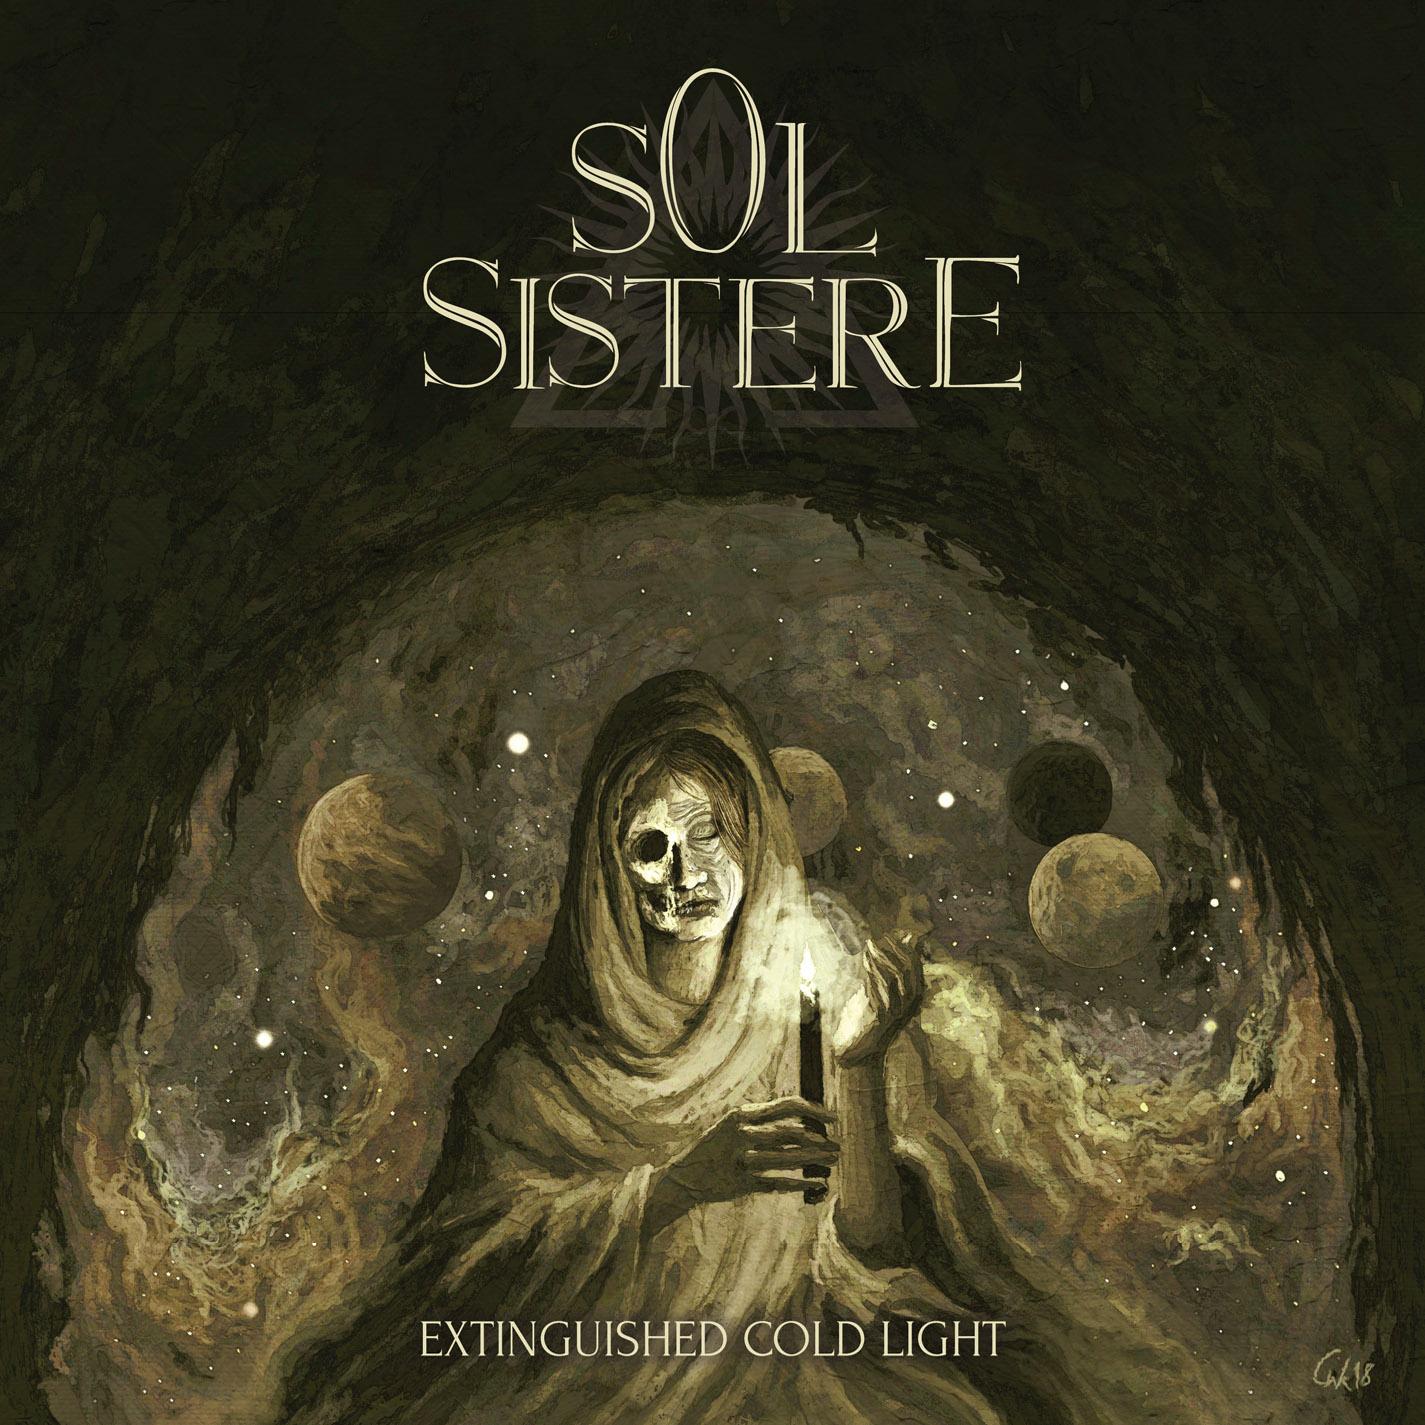 Sol Sistere – Extinguished Cold Light